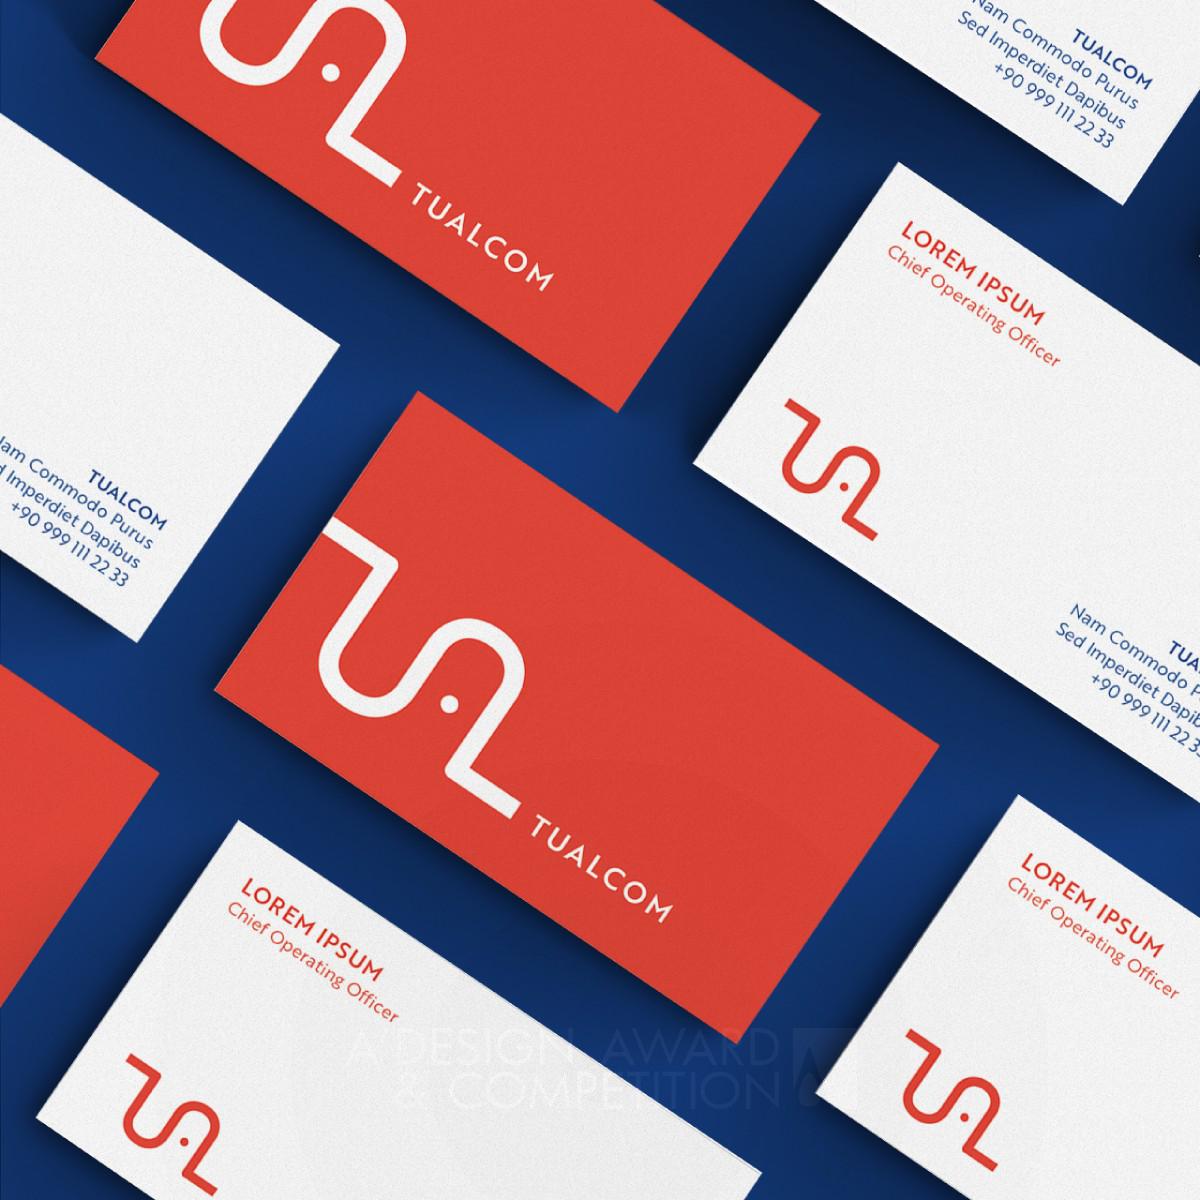 Tualcom Logo and Brand Identity